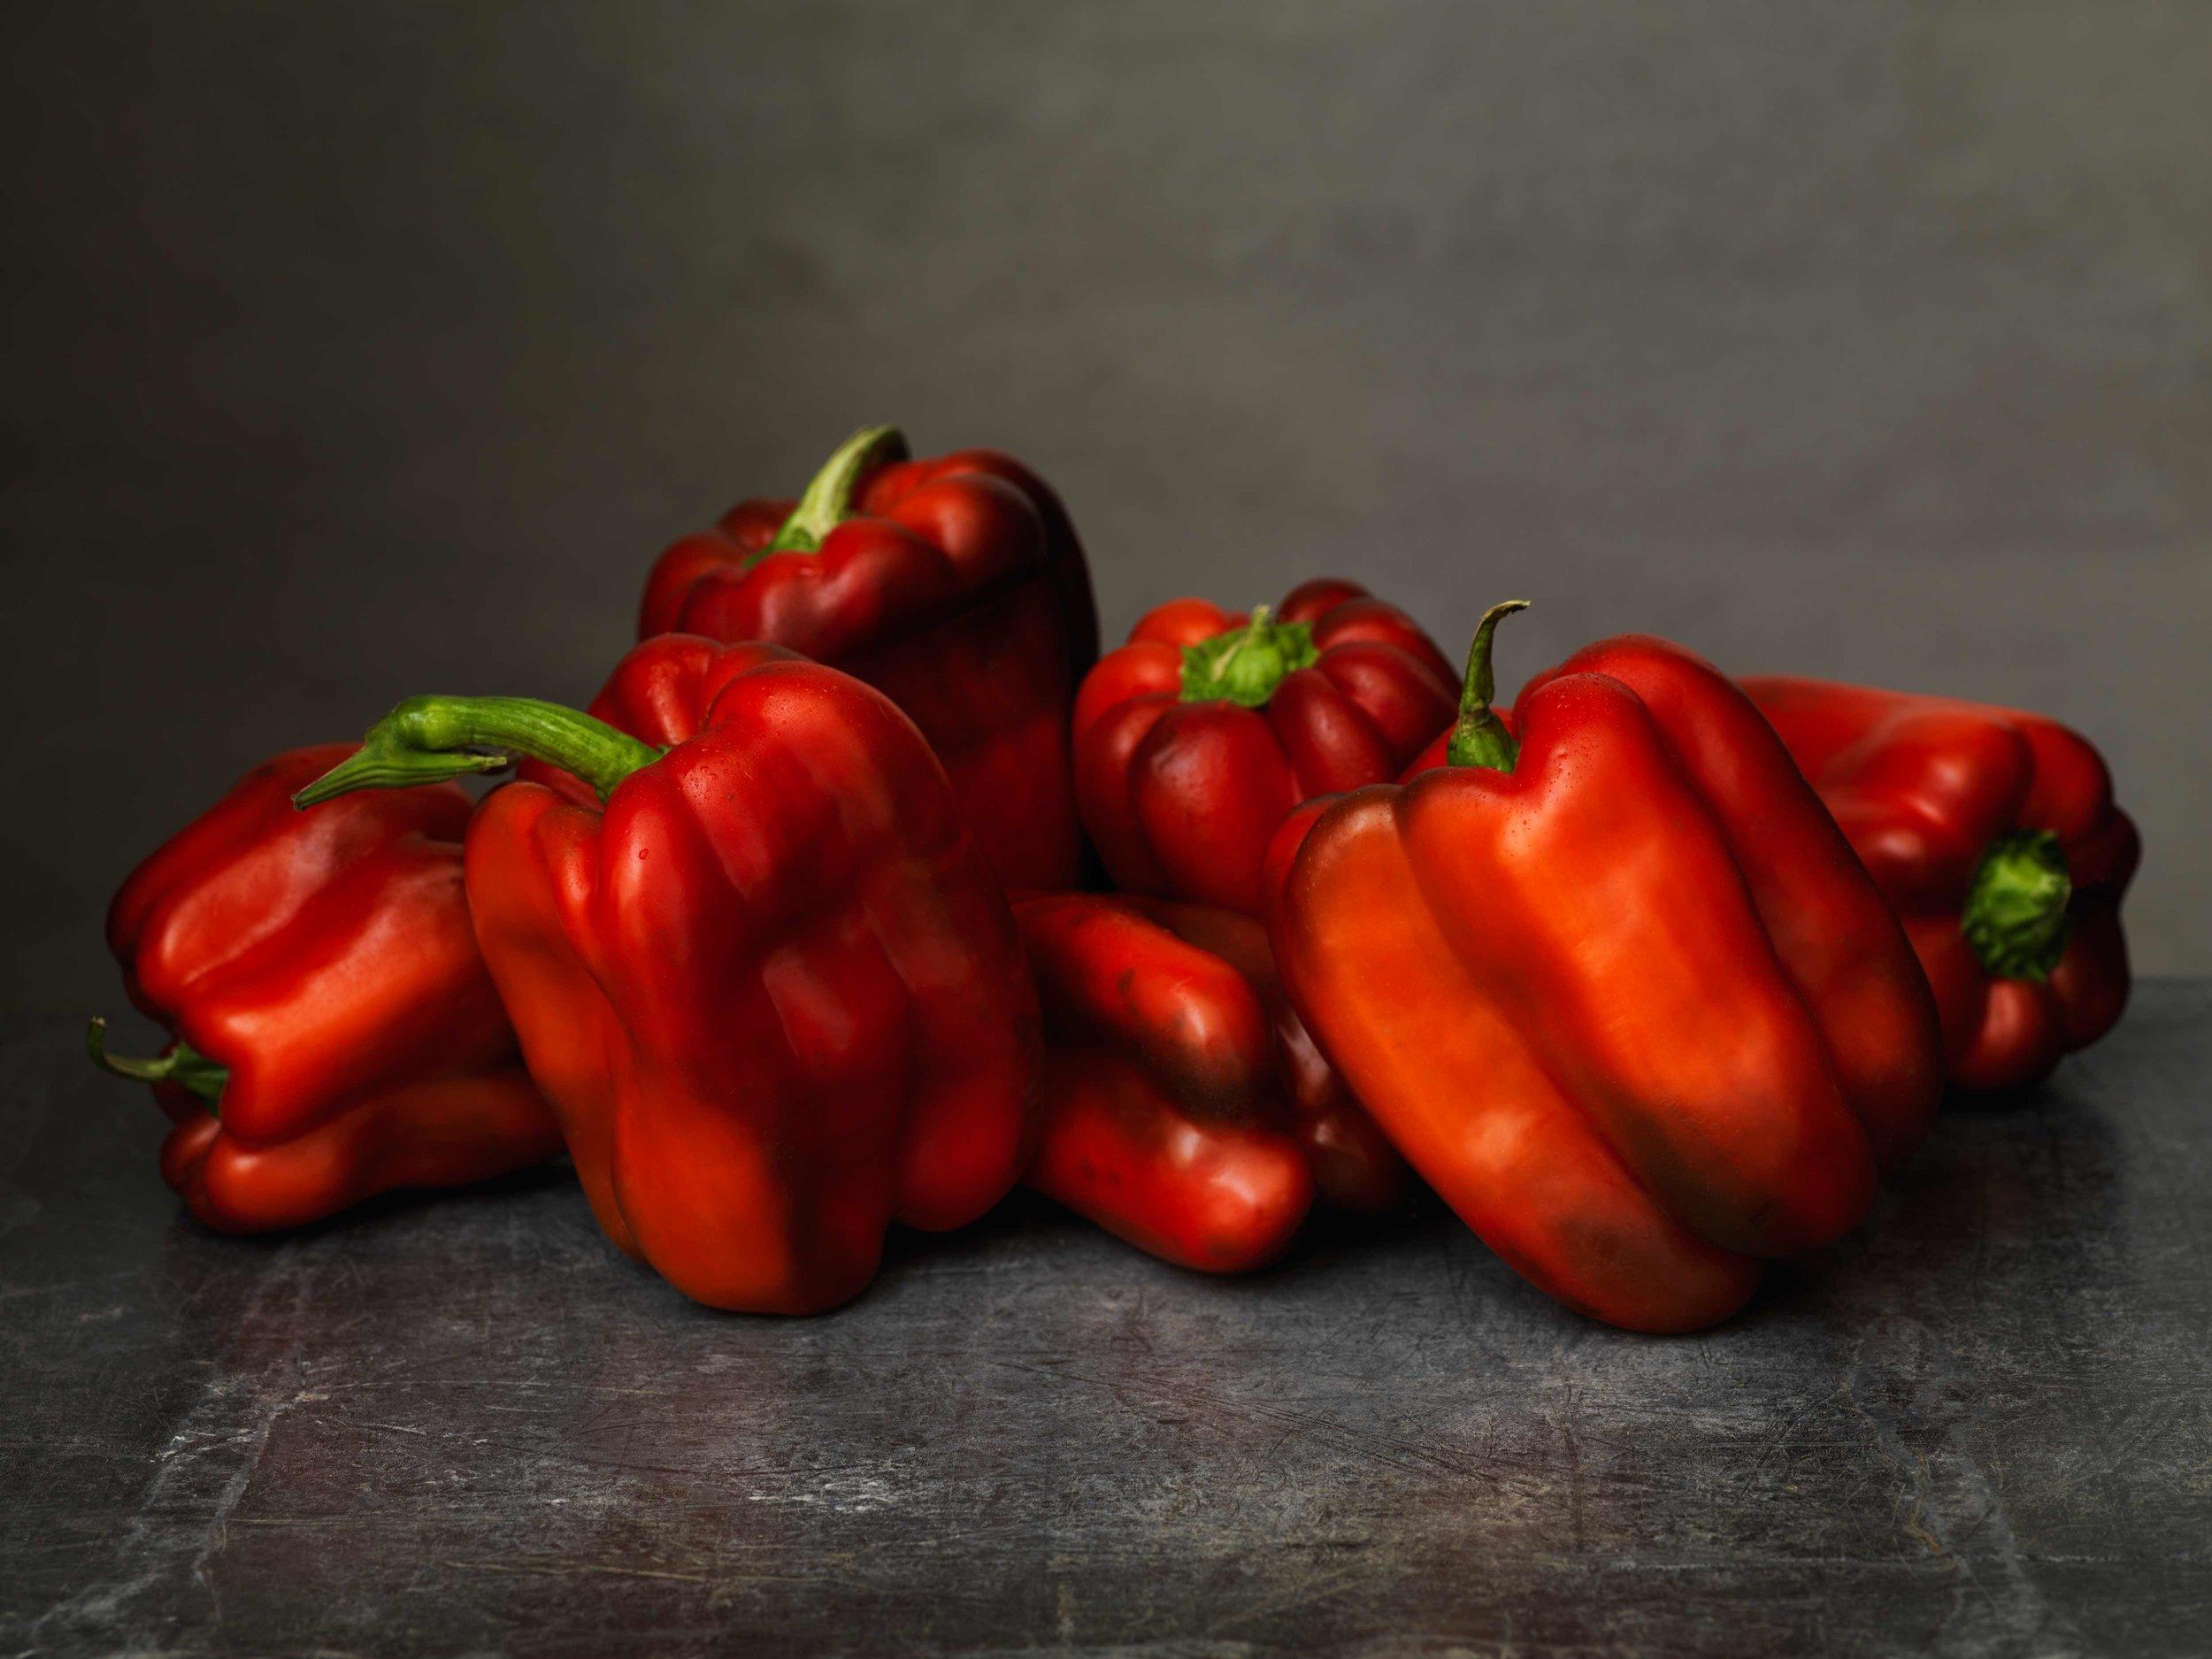 Quadratto di Asti peppers